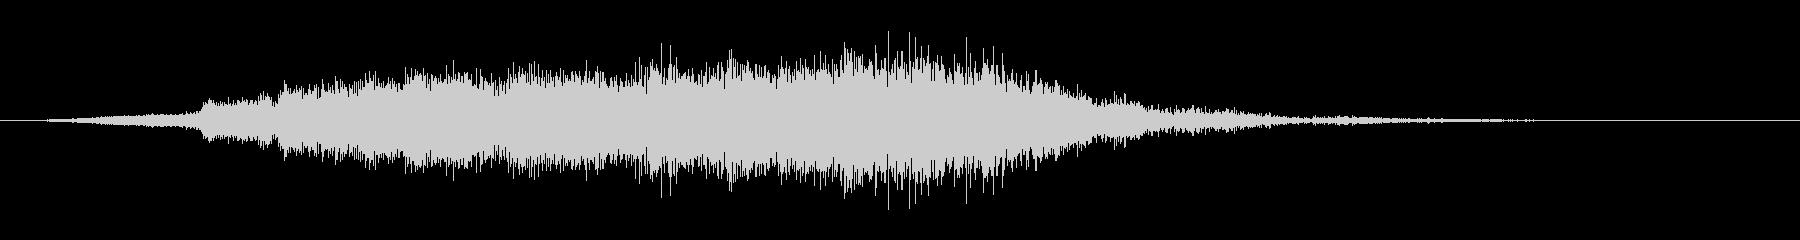 中世 ジングルオーケストラポジティブ02の未再生の波形